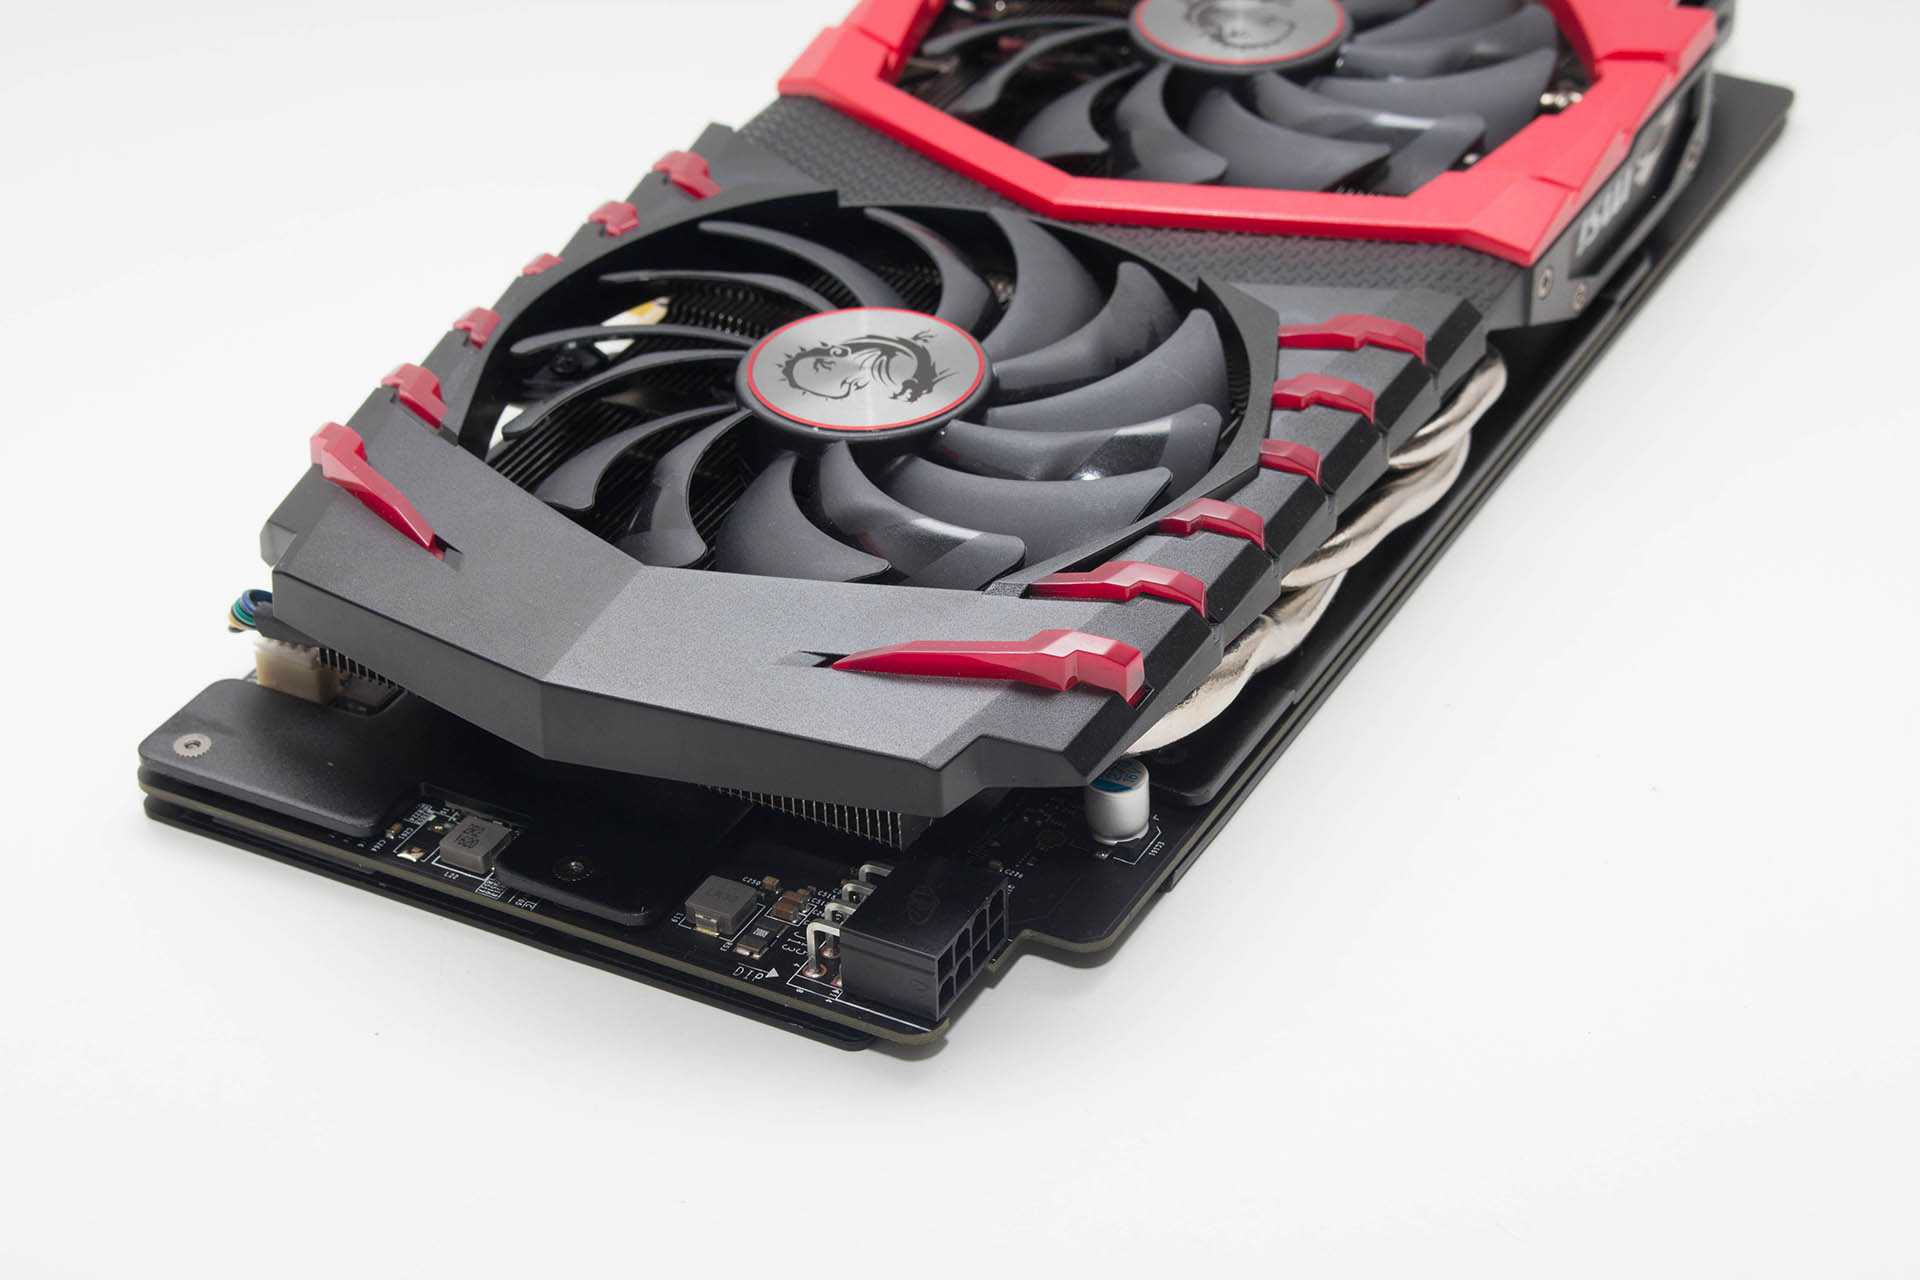 MSI GeForce GTX1060 Gaming X test